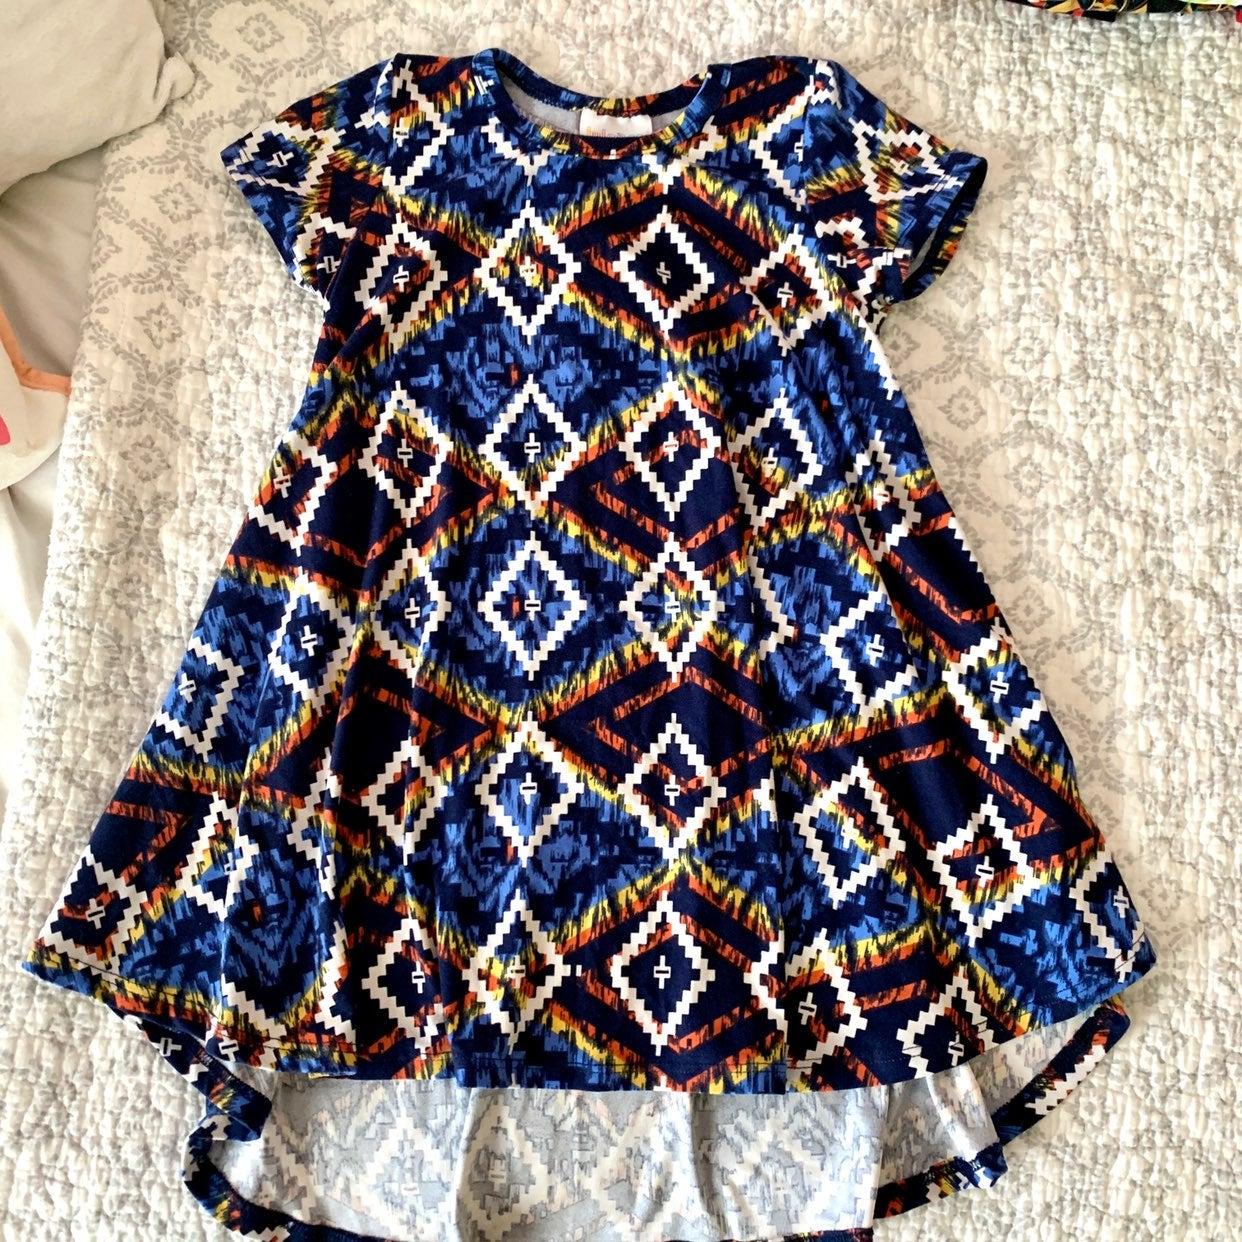 Size 4 LuLaRoe Scarlett Dress